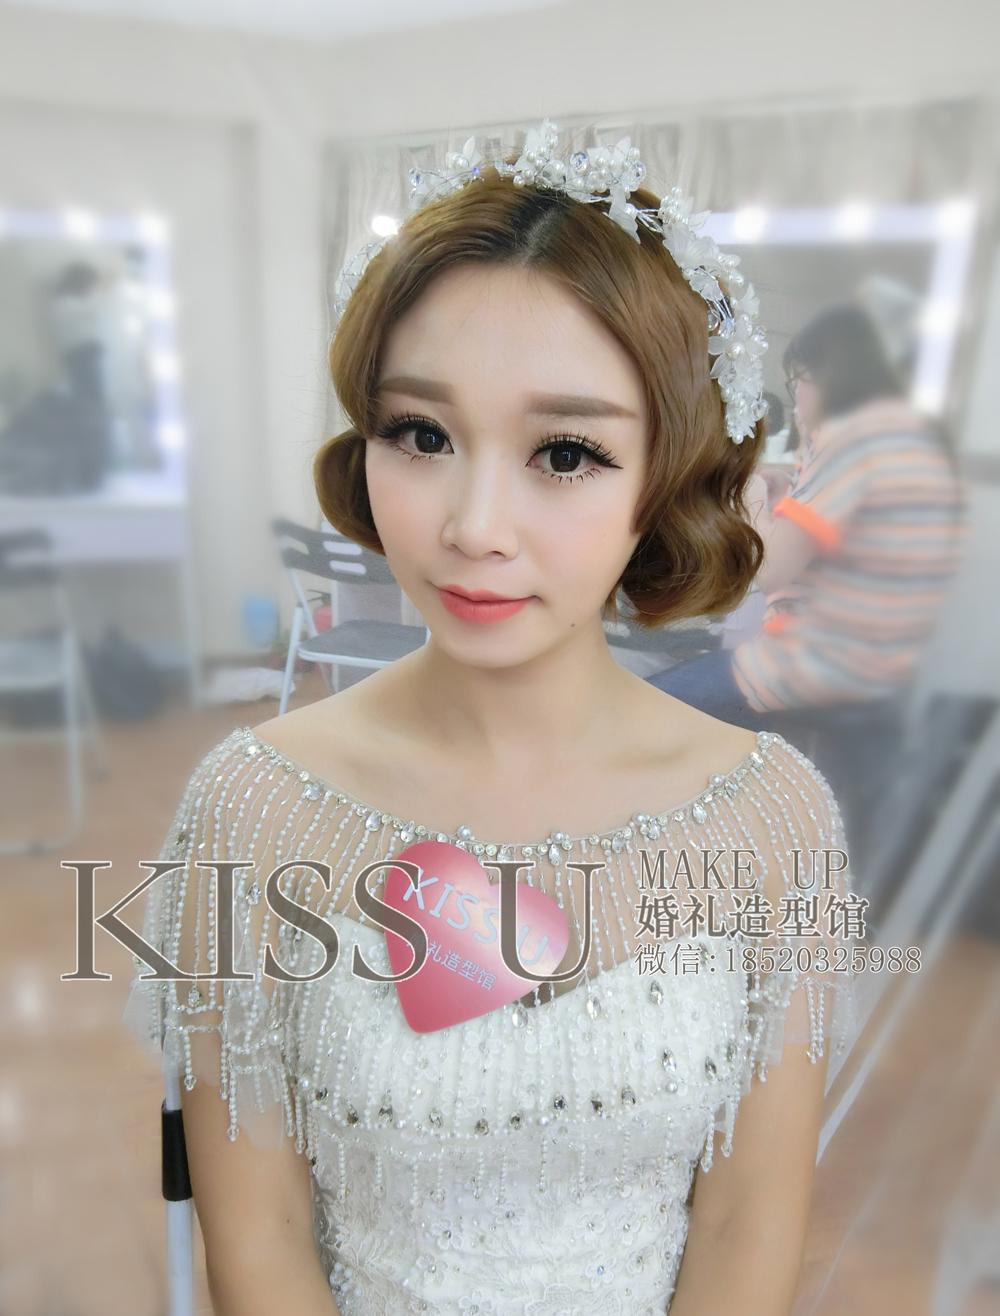 新娘短发造型分享-kiss